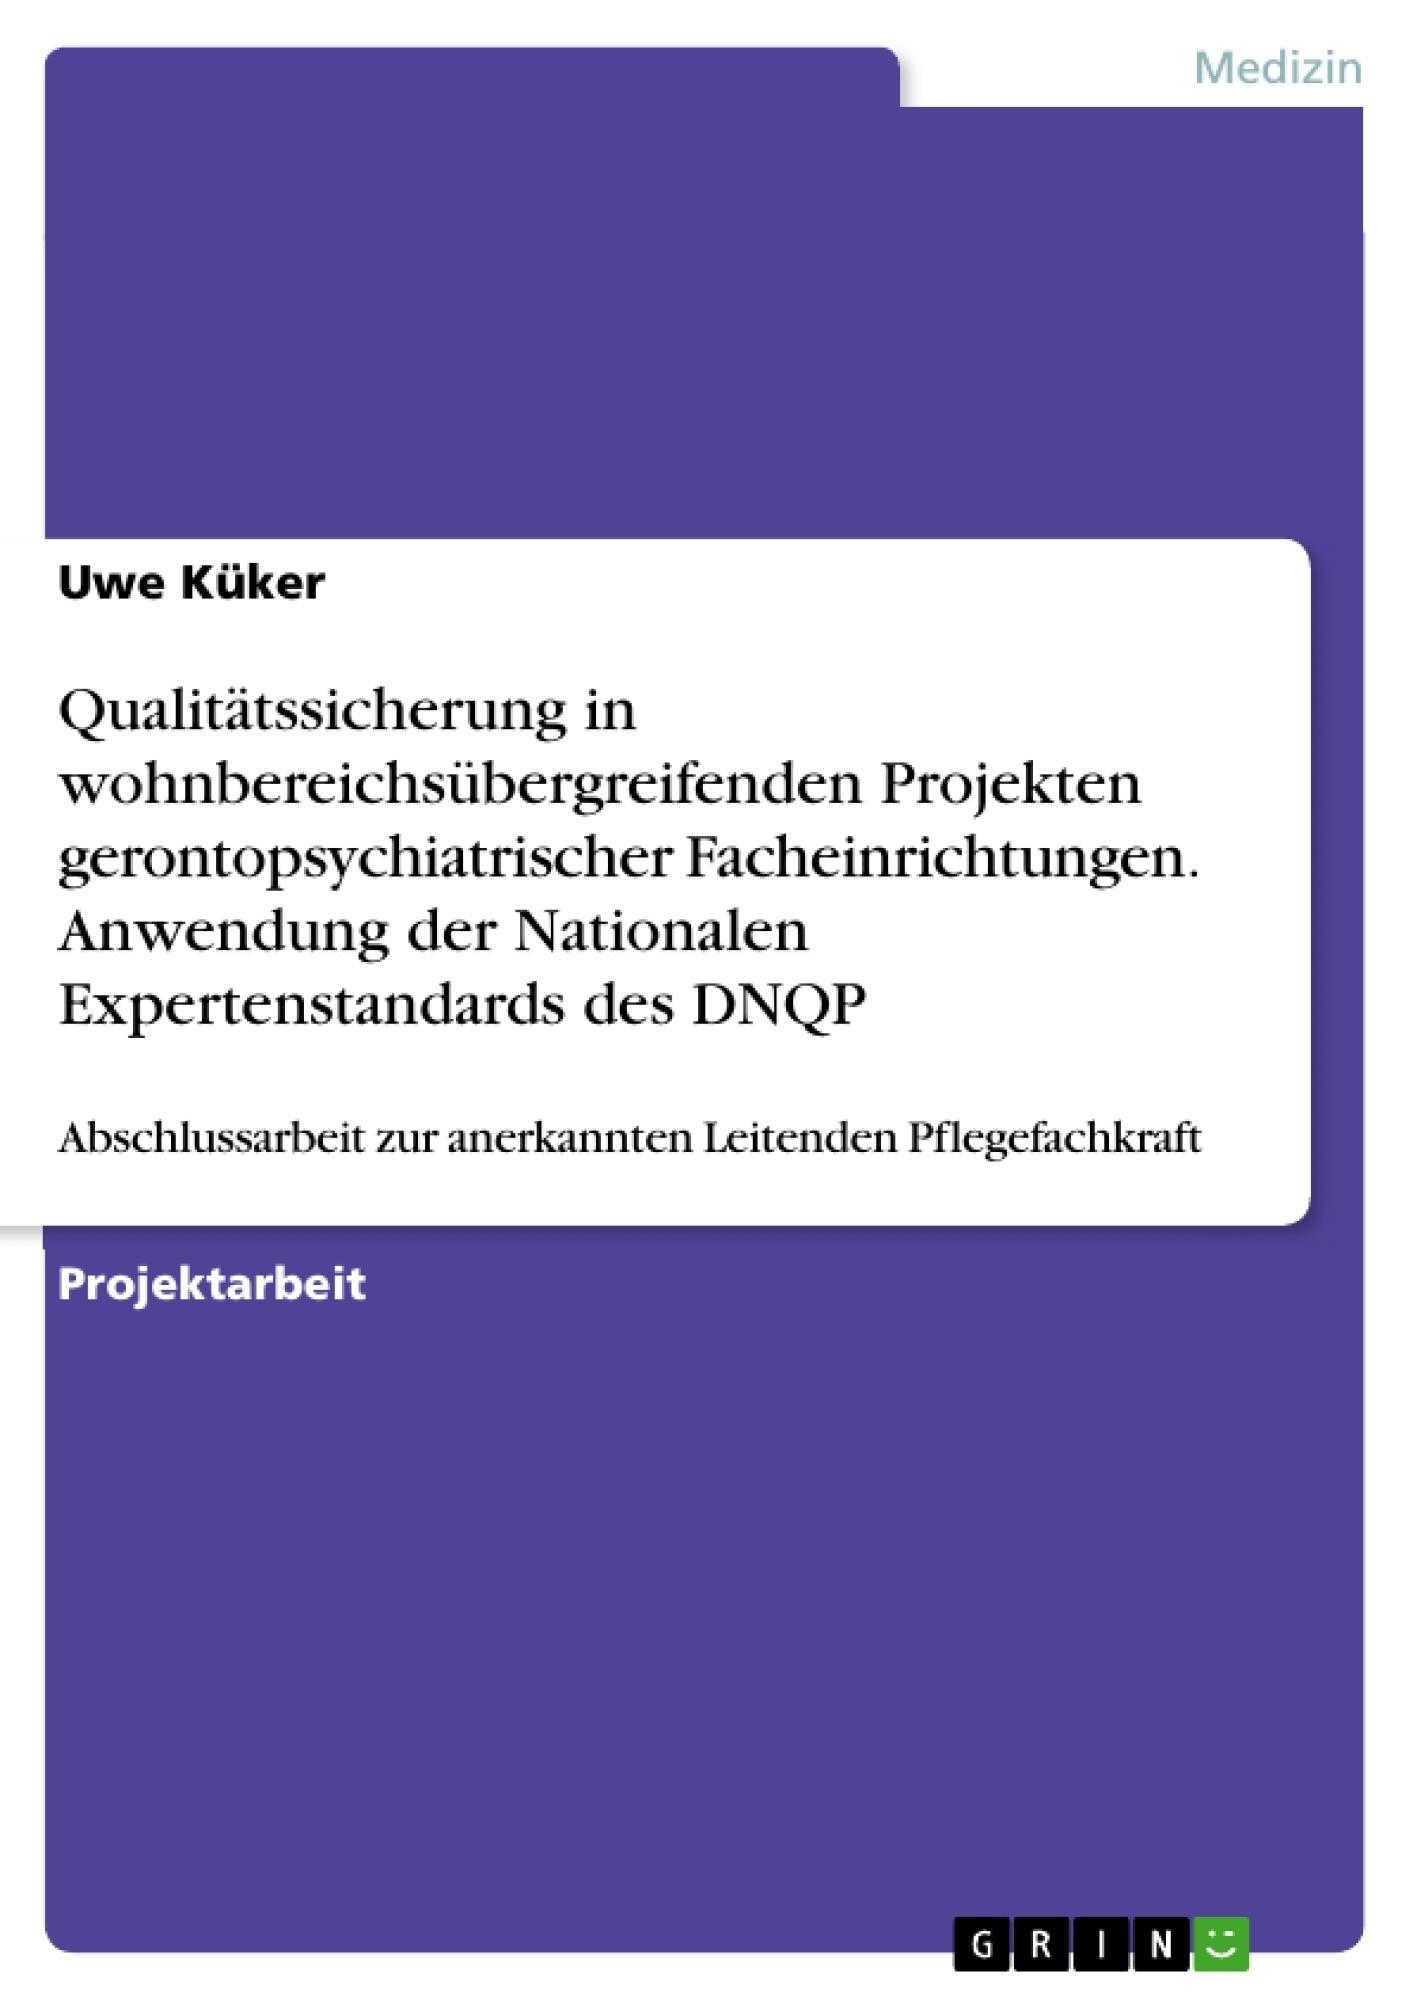 Titel: Qualitätssicherung in wohnbereichsübergreifenden Projekten gerontopsychiatrischer Facheinrichtungen. Anwendung der Nationalen Expertenstandards des DNQP